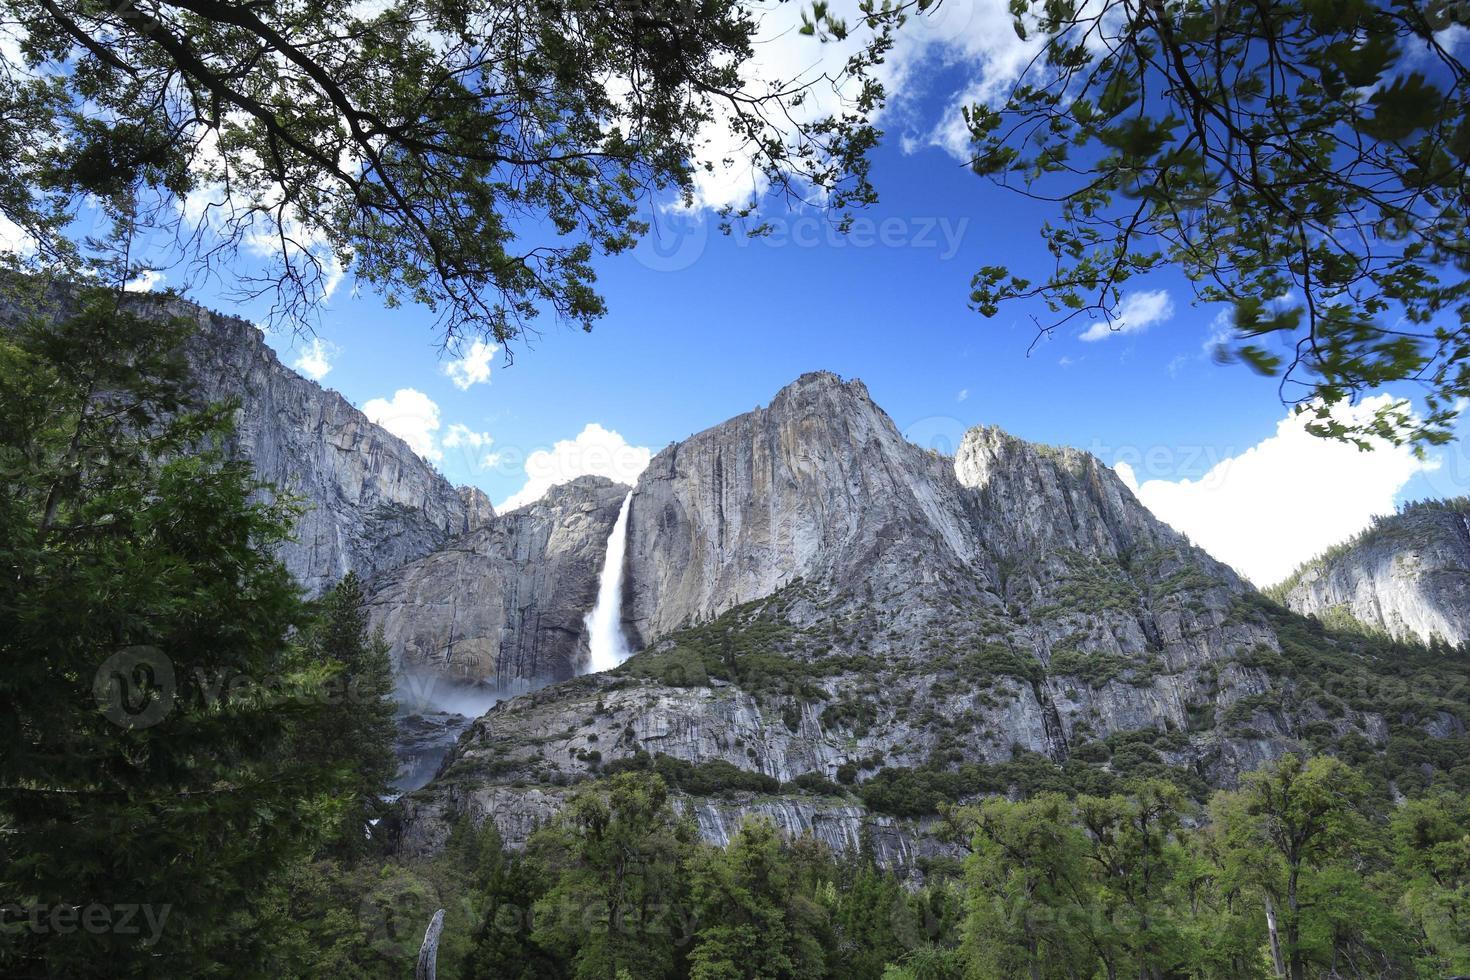 Cachoeira no Parque Nacional de Yosemite, EUA, por volta de maio de 2010 foto